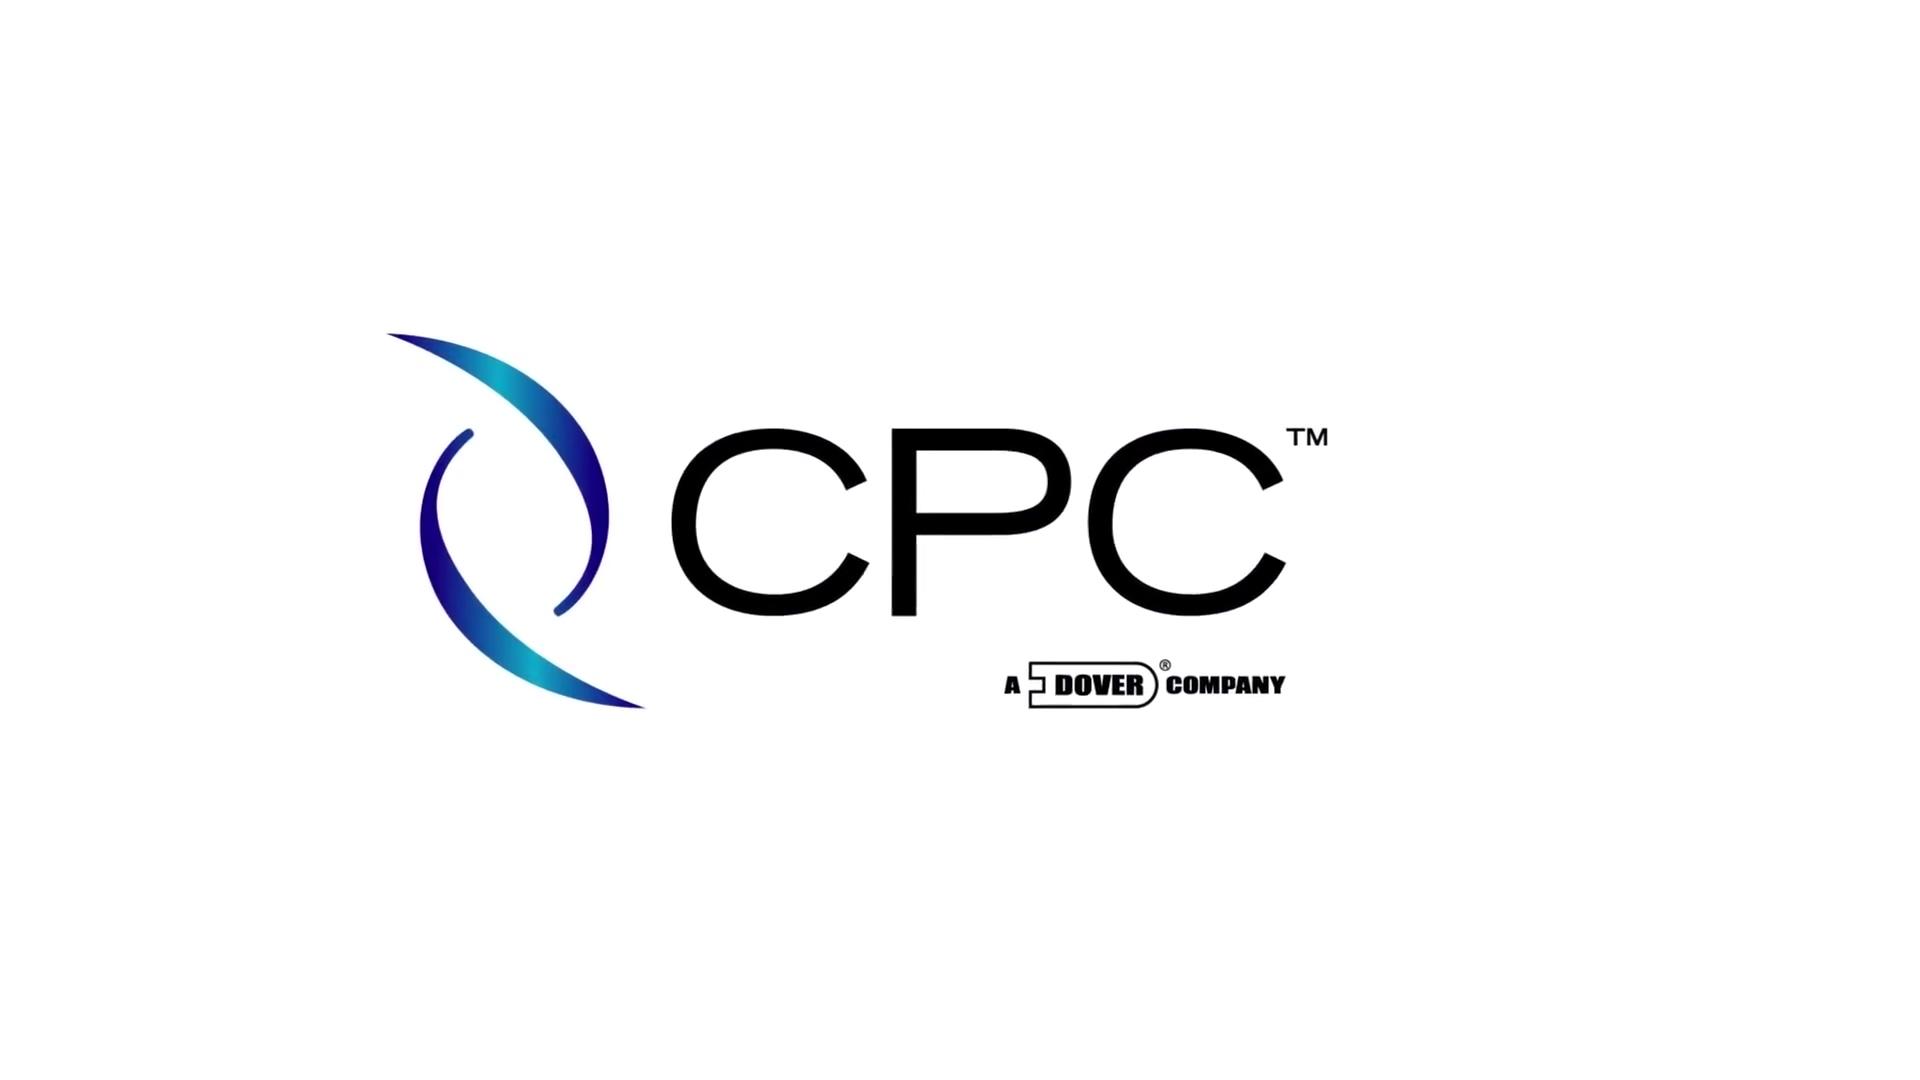 cpc-mp4